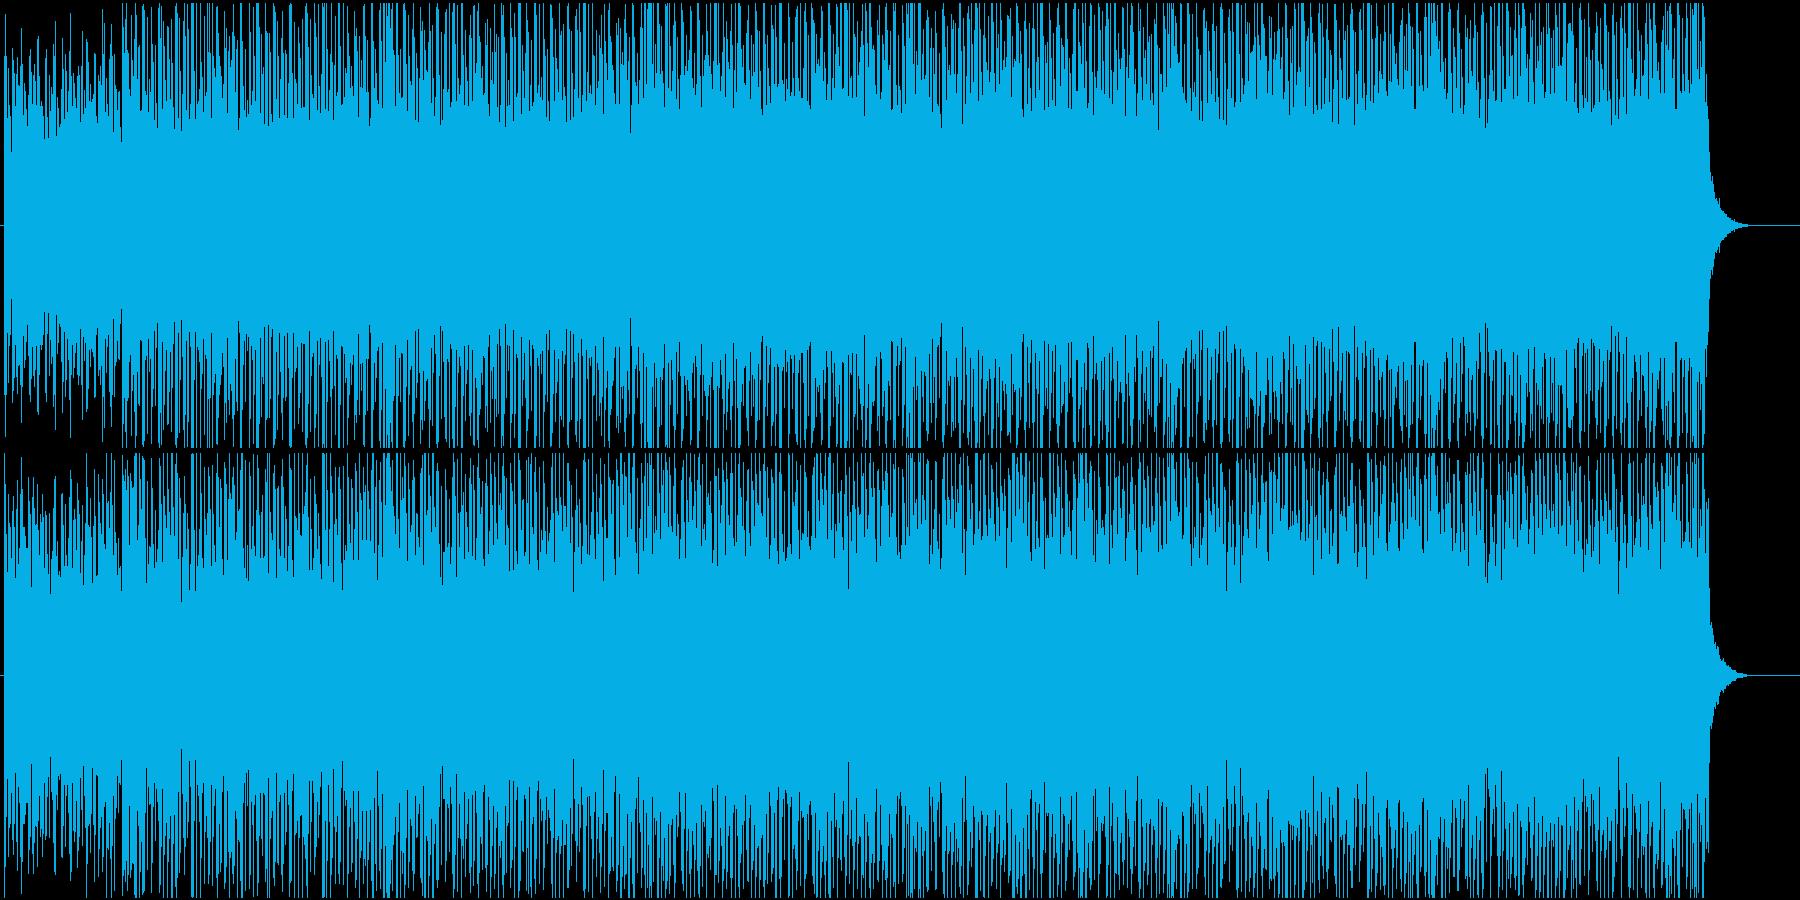 ポップスよりなギターのハウスの再生済みの波形